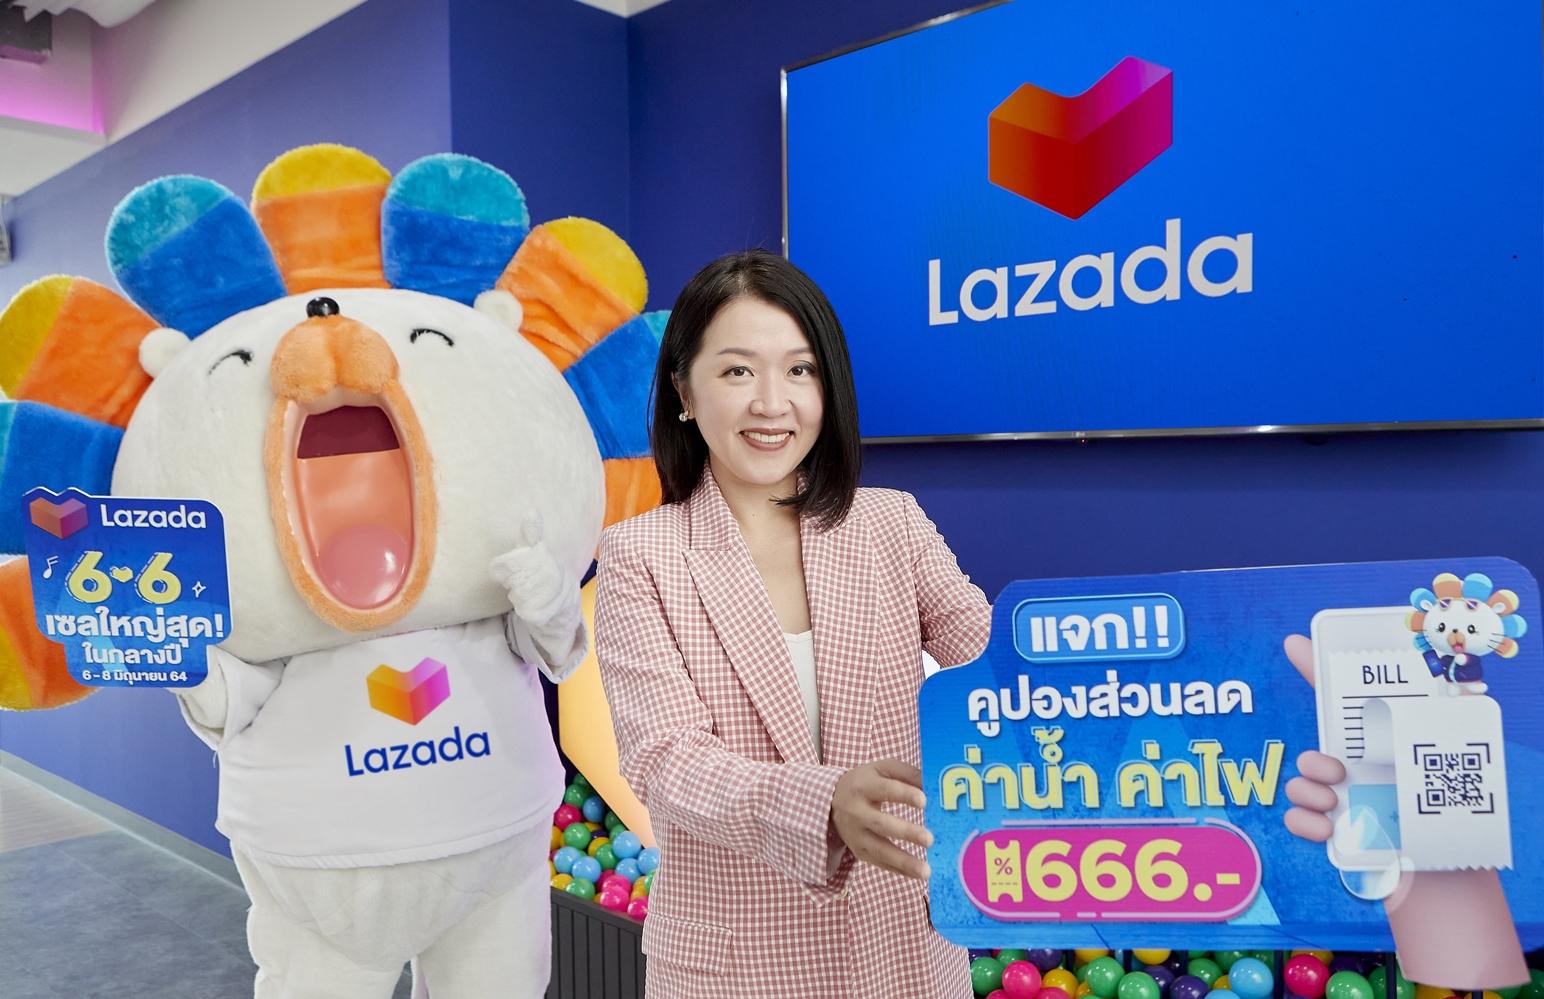 Lazada แจกคูปองลดกระหน่ำกลางปี ช่วยคนไทยลดภาระค่าน้ำค่าไฟในเทศกาล Lazada 6.6 Mega Mid Year Sale เซลใหญ่สุดในกลางปี